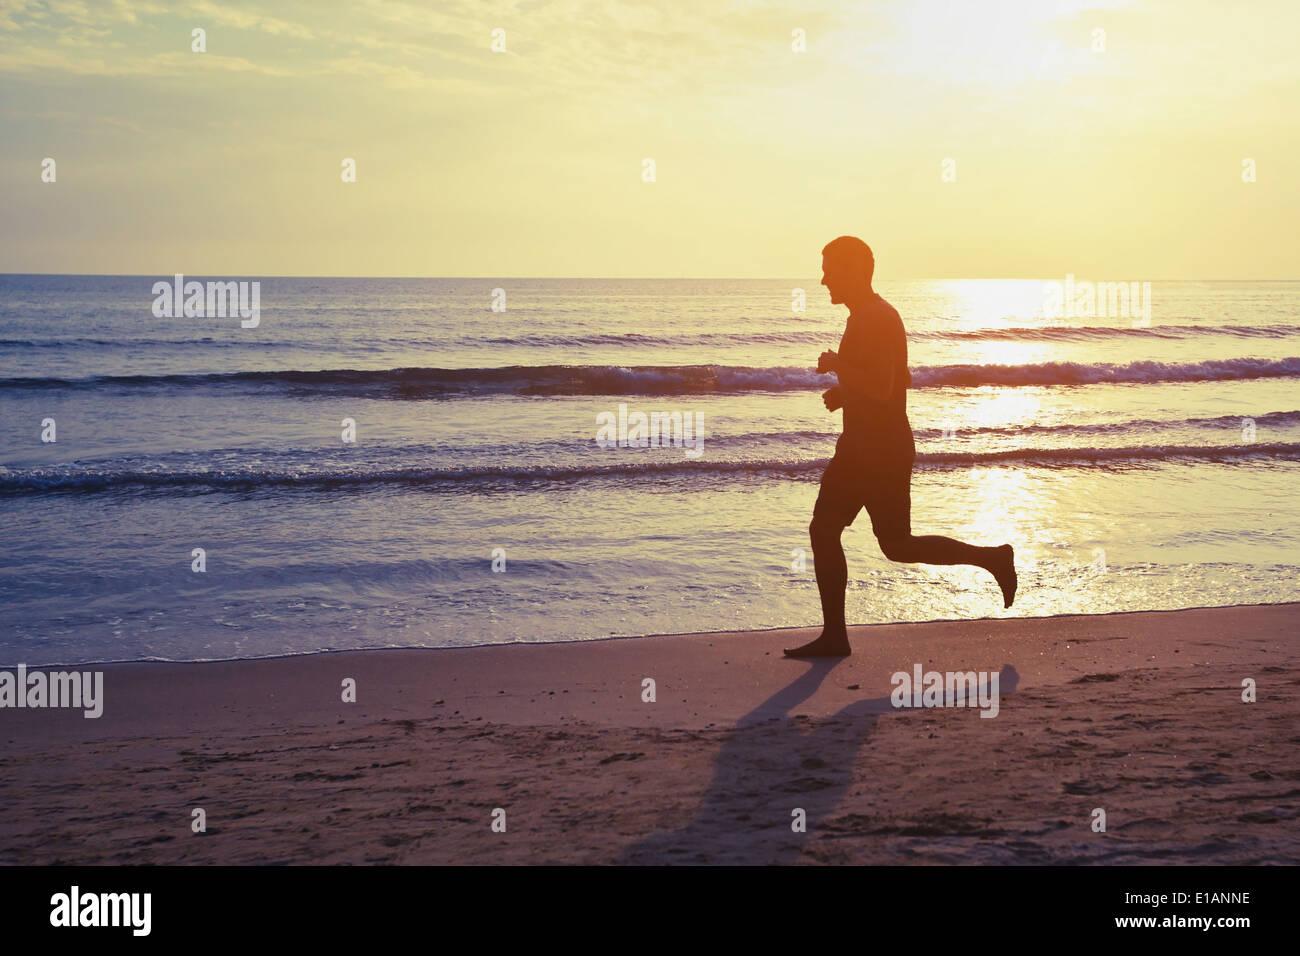 Estilo de vida saludable, la silueta del corredor en la playa Imagen De Stock